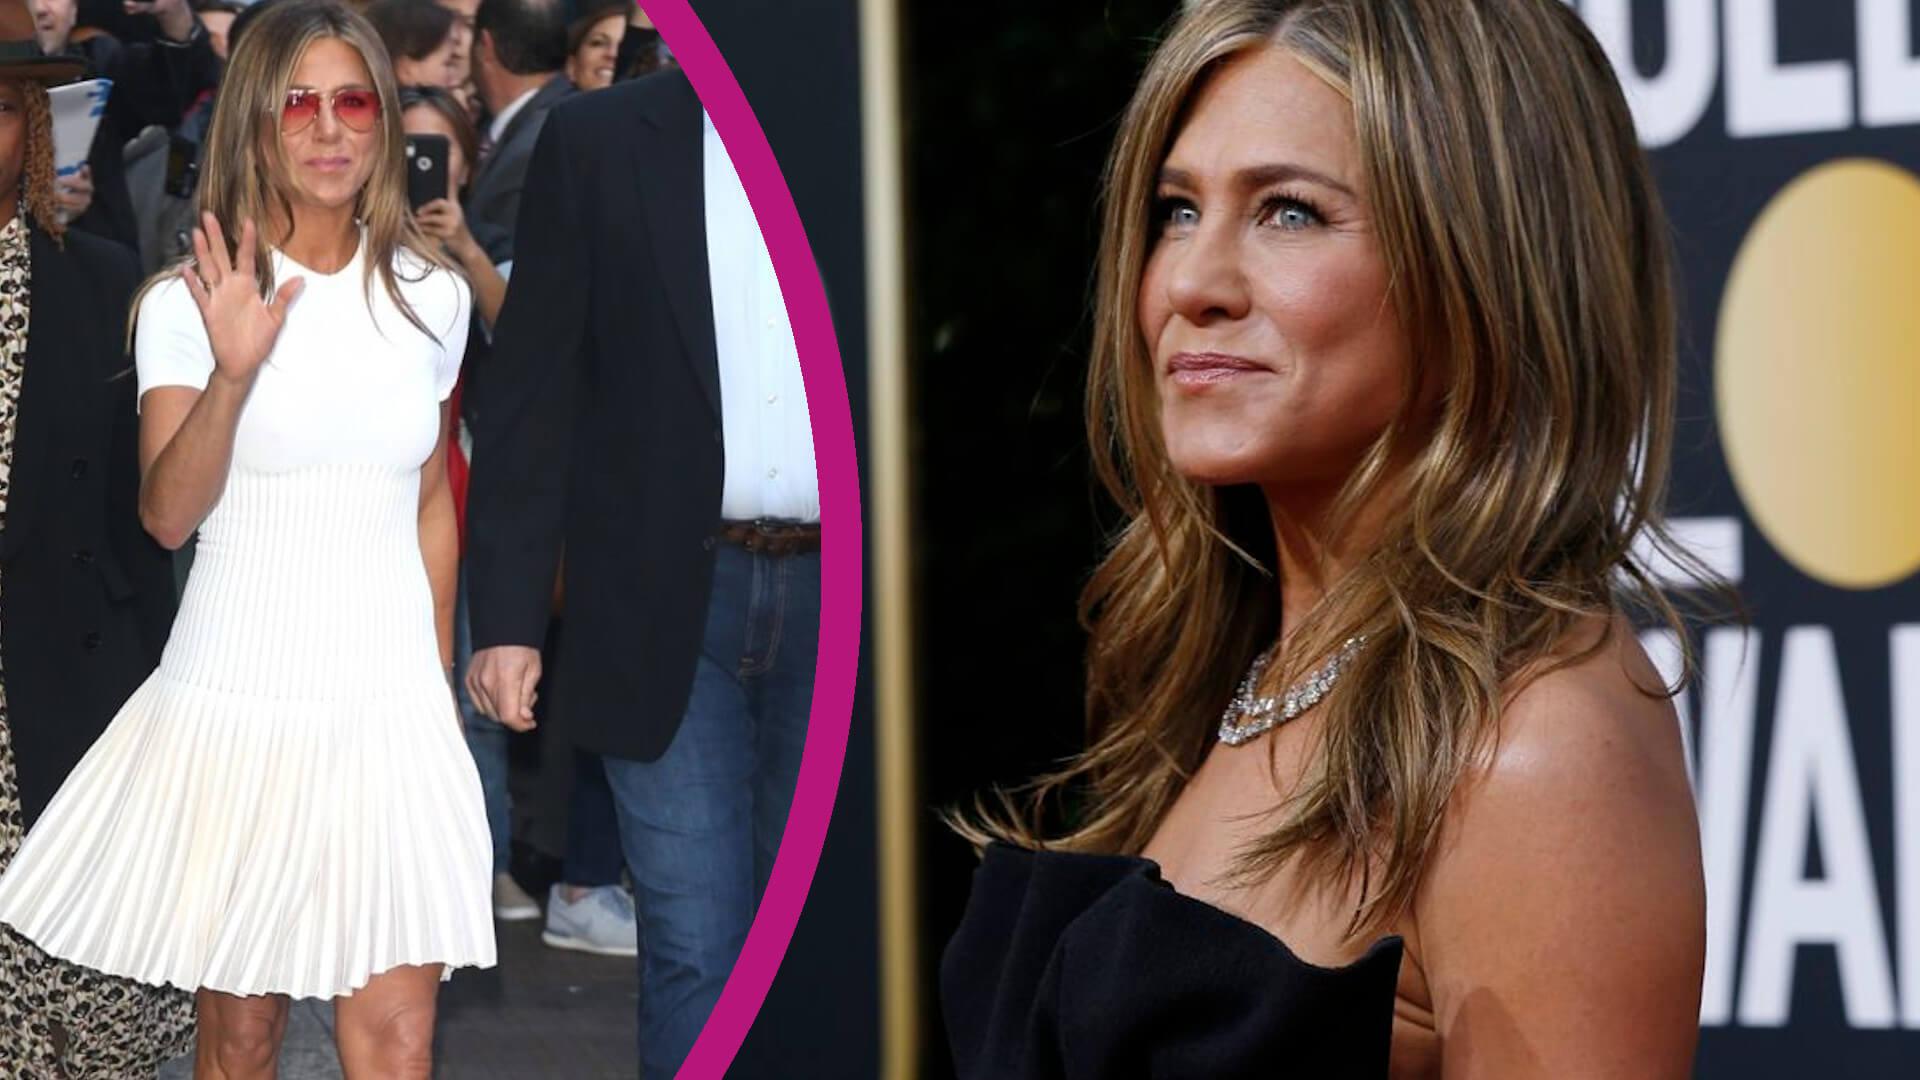 Trener Jennifer Aniston zdradził SEKRET jej figury. Jakie ćwiczenia wykonuje?